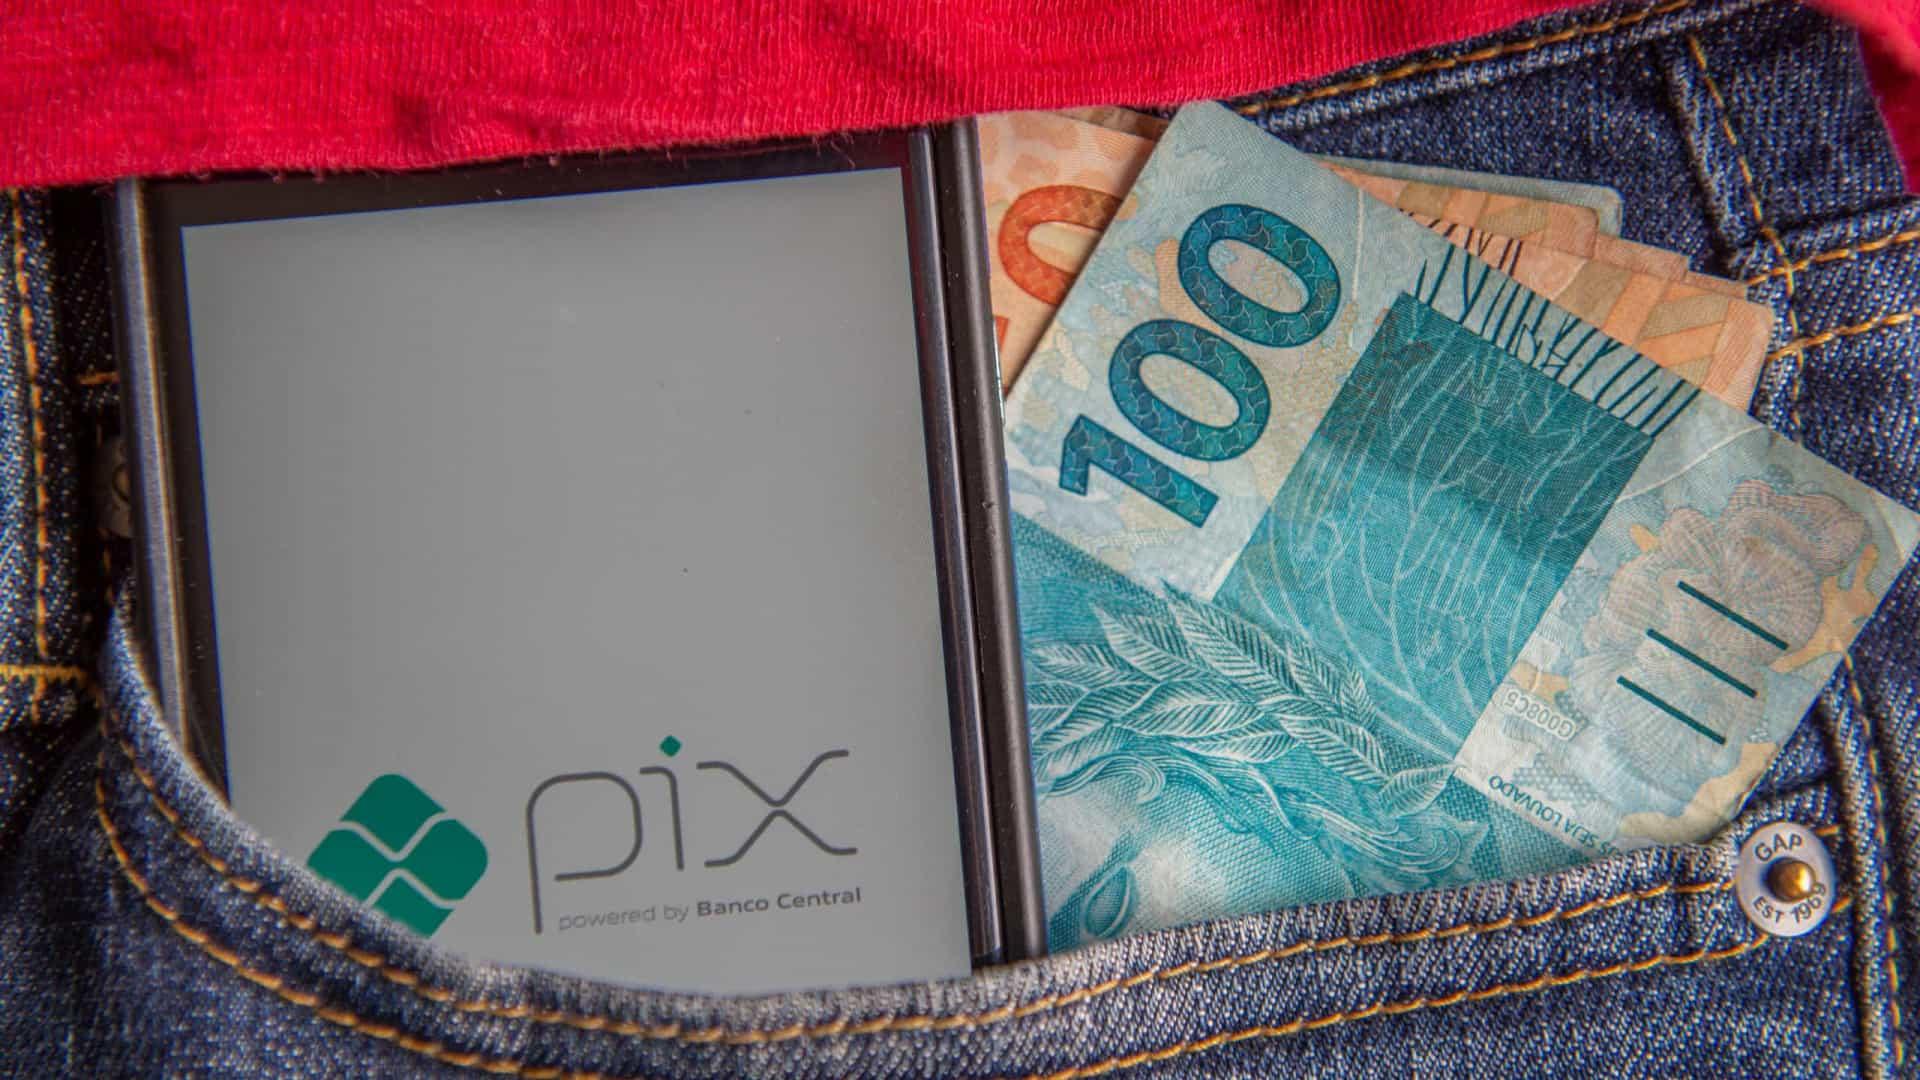 pix - Pix e 'open banking' vão representar novo desafio para as instituições